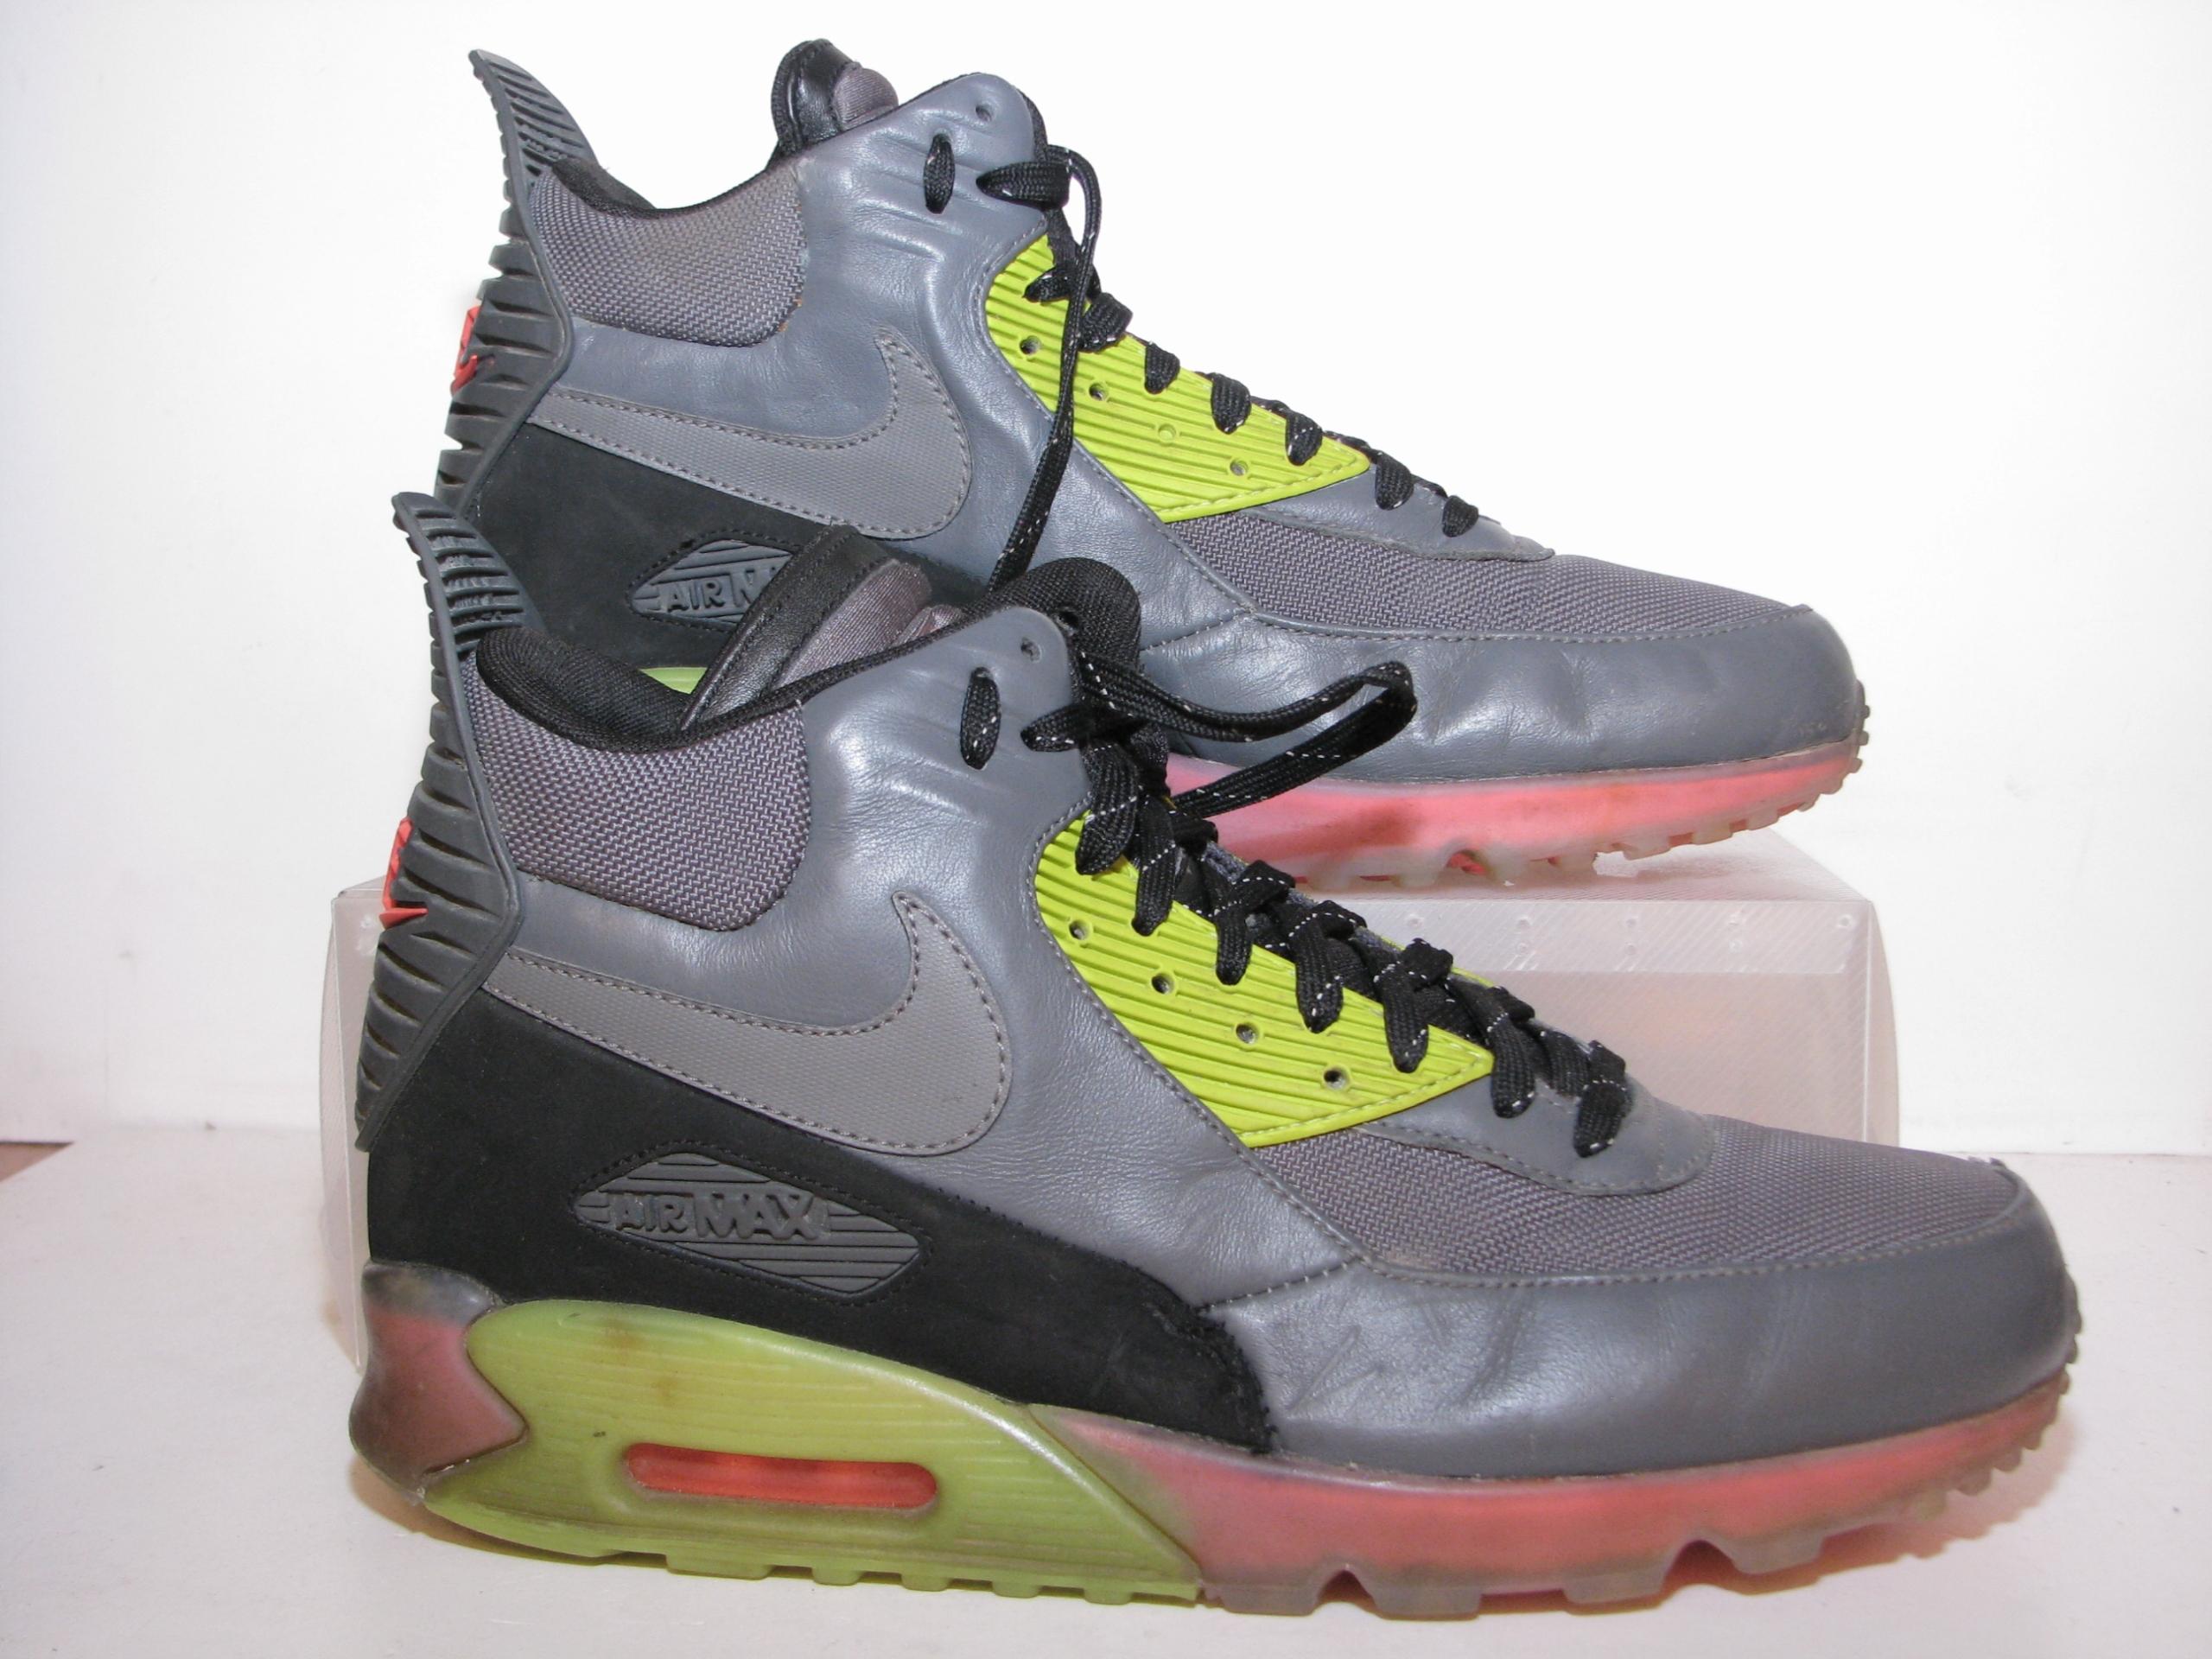 Nike Air Max 90 Winter Sneakerboot Ice 684722 006, NIKE